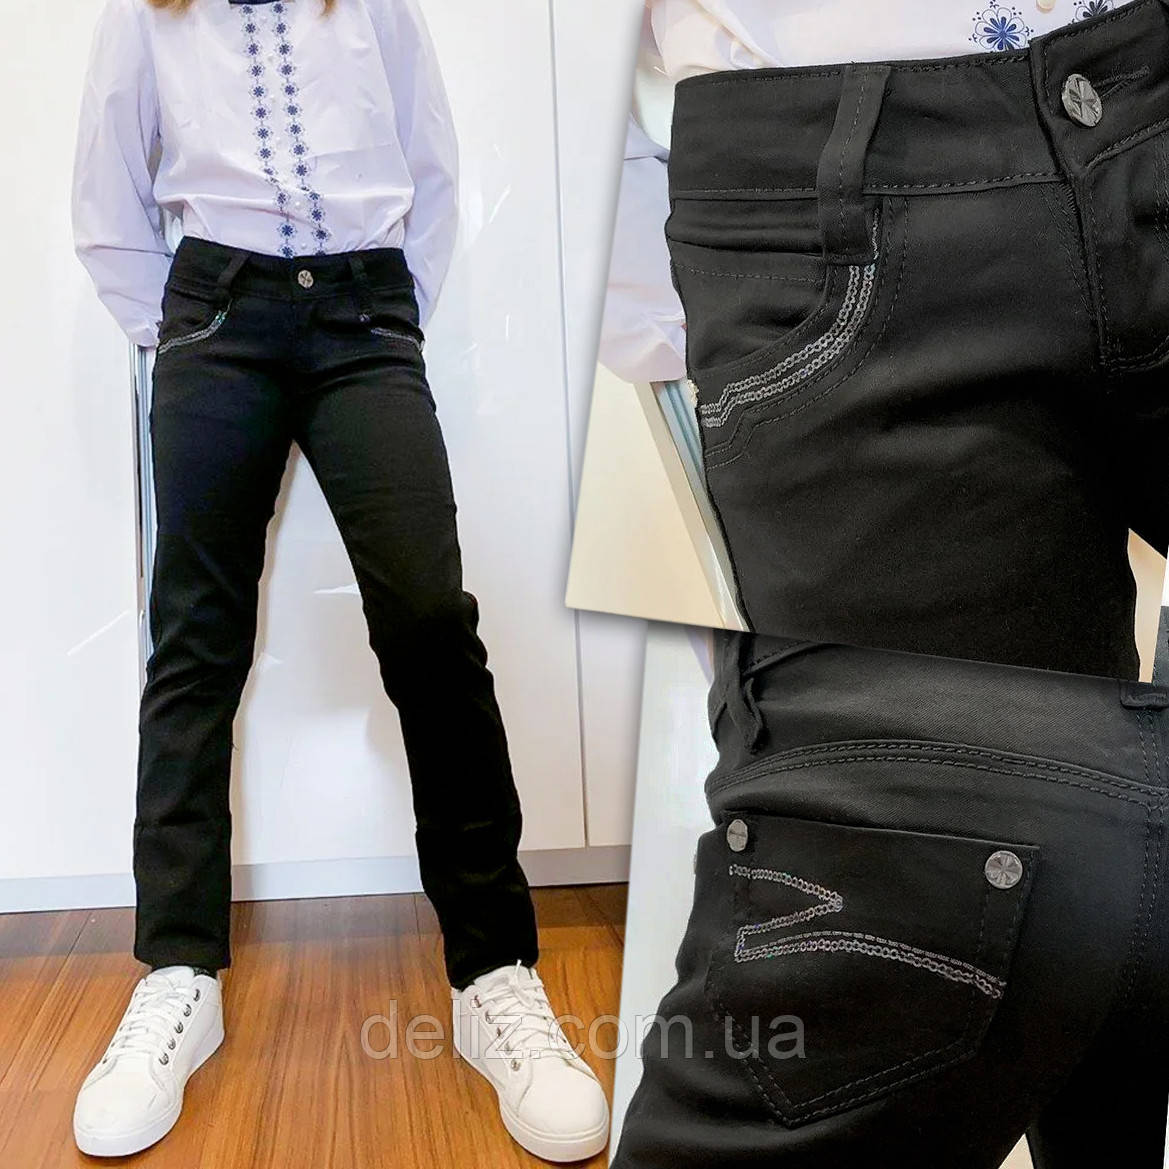 Чорні шкільні брюки для дівчинки Lafeidina Jeans 719. Розмір 23 (на 8-9 років, є заміри)